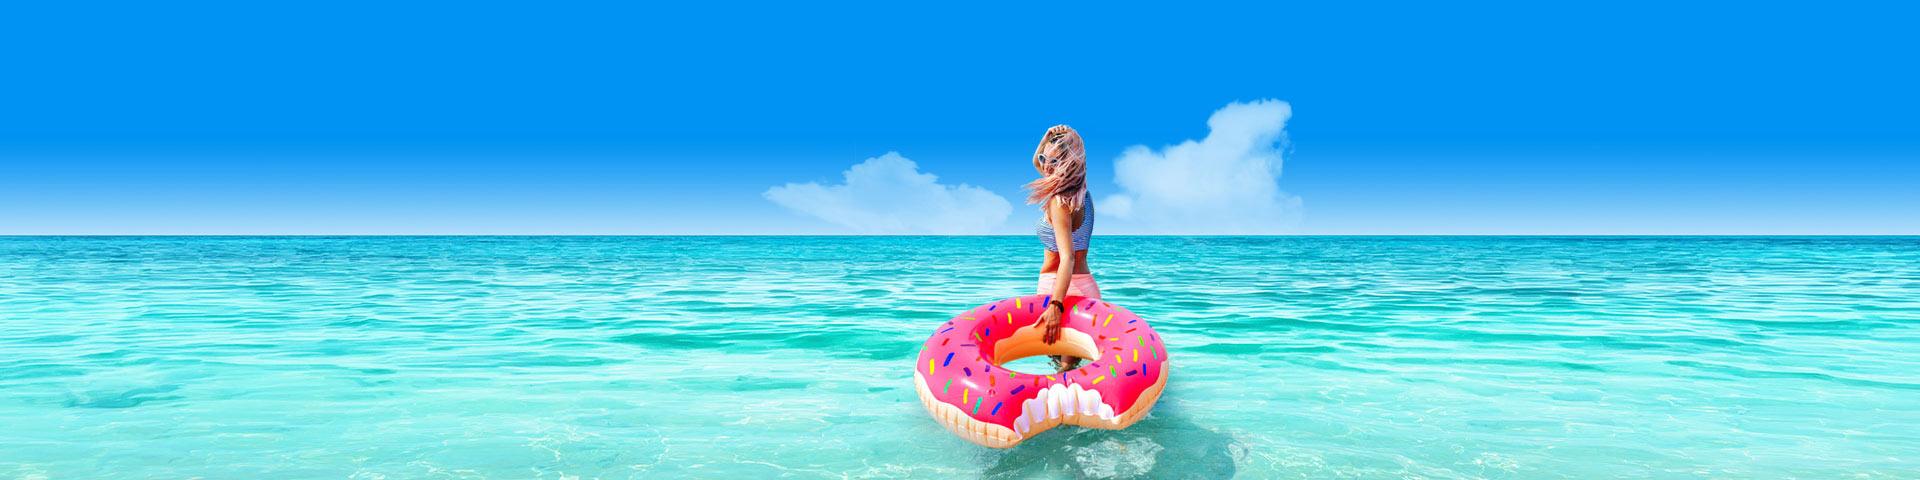 Vrouw in blauwe zee met zwemband